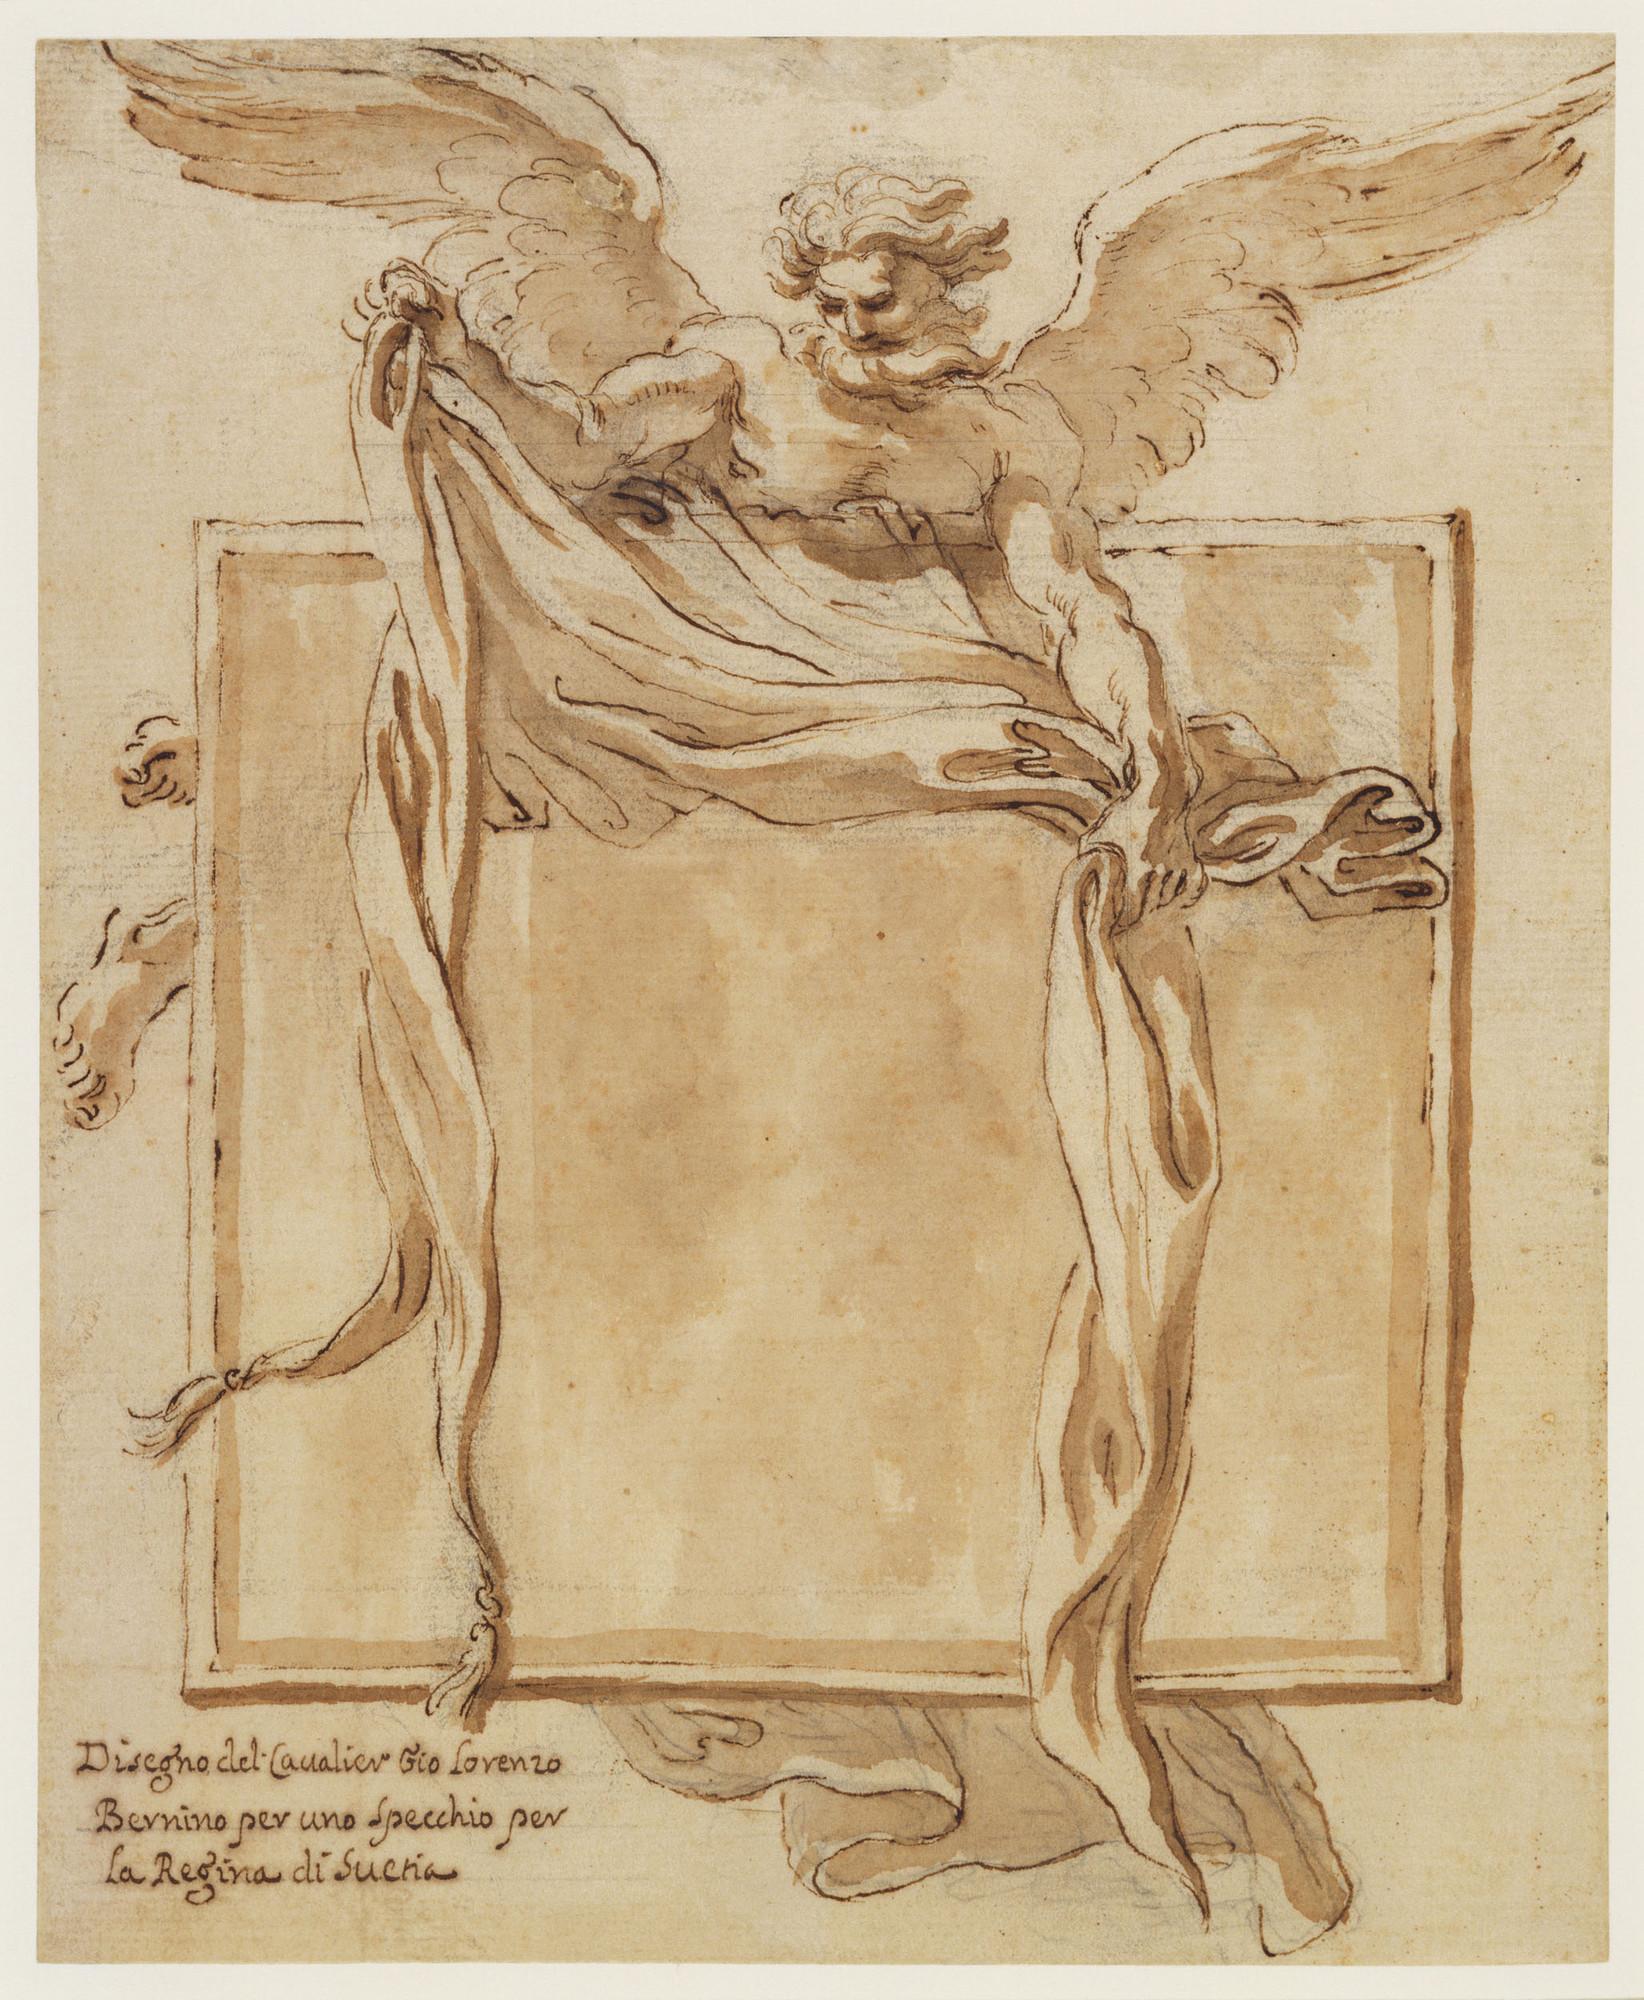 Gian Lorenzo Bernini, Disegno per lo specchio di Cristina di Svezia (1656 circa; penna, acquerello e gessetto su carta, 230 x 188 mm; Windsor, Royal Collection)